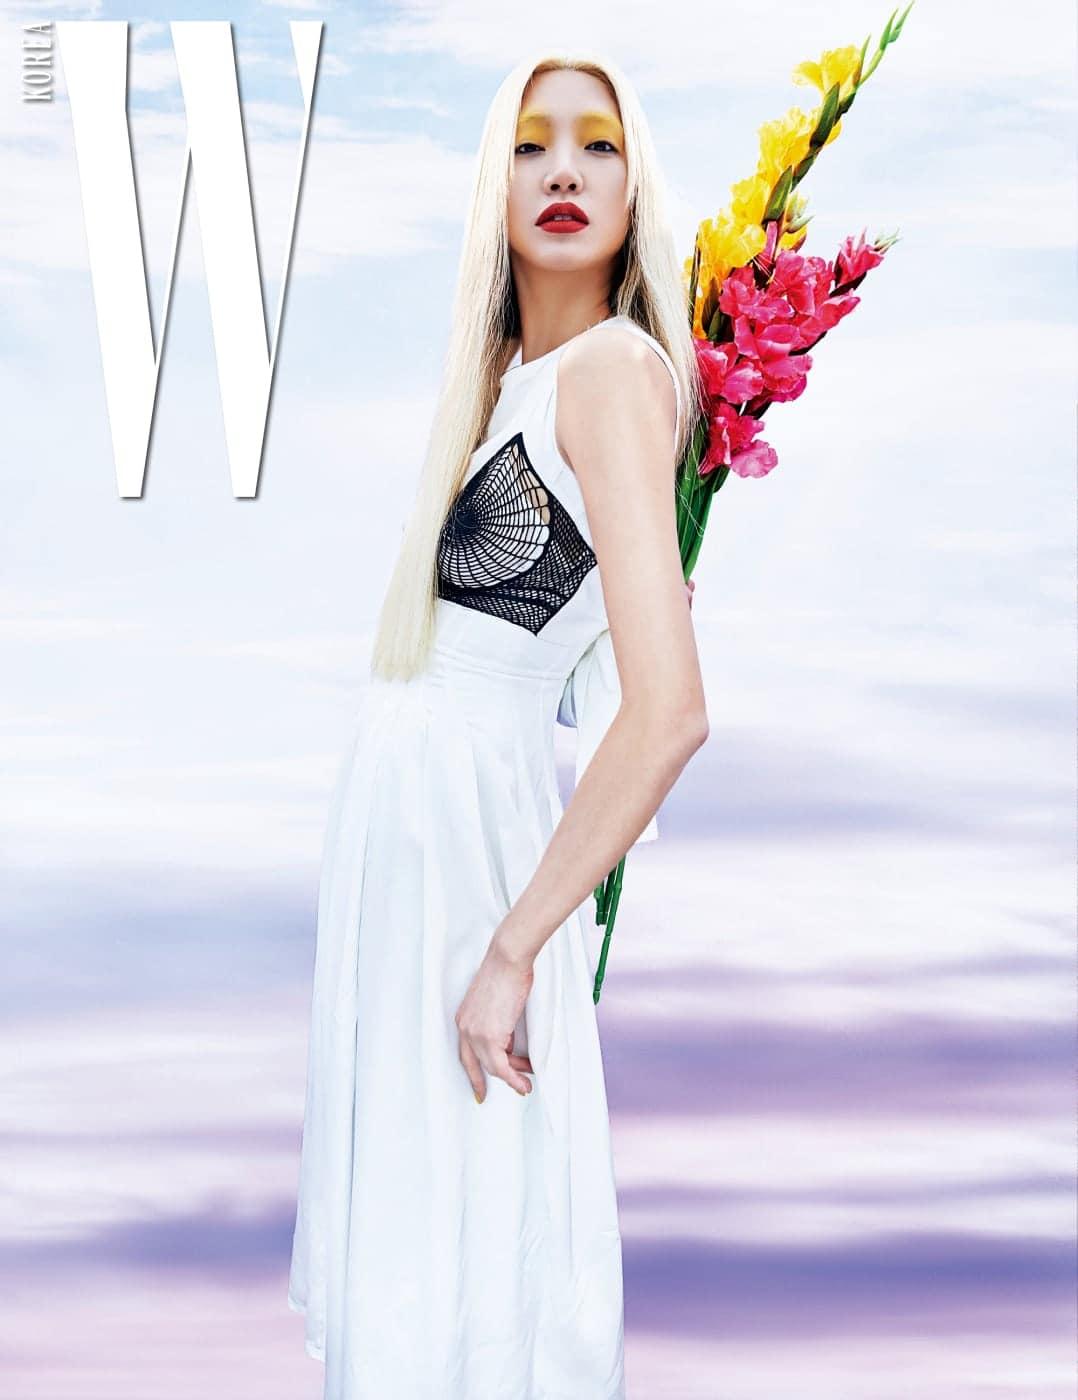 가슴을 강조하는 아티스틱한 터치의 브라 장식 드레스는 Celine 제품.